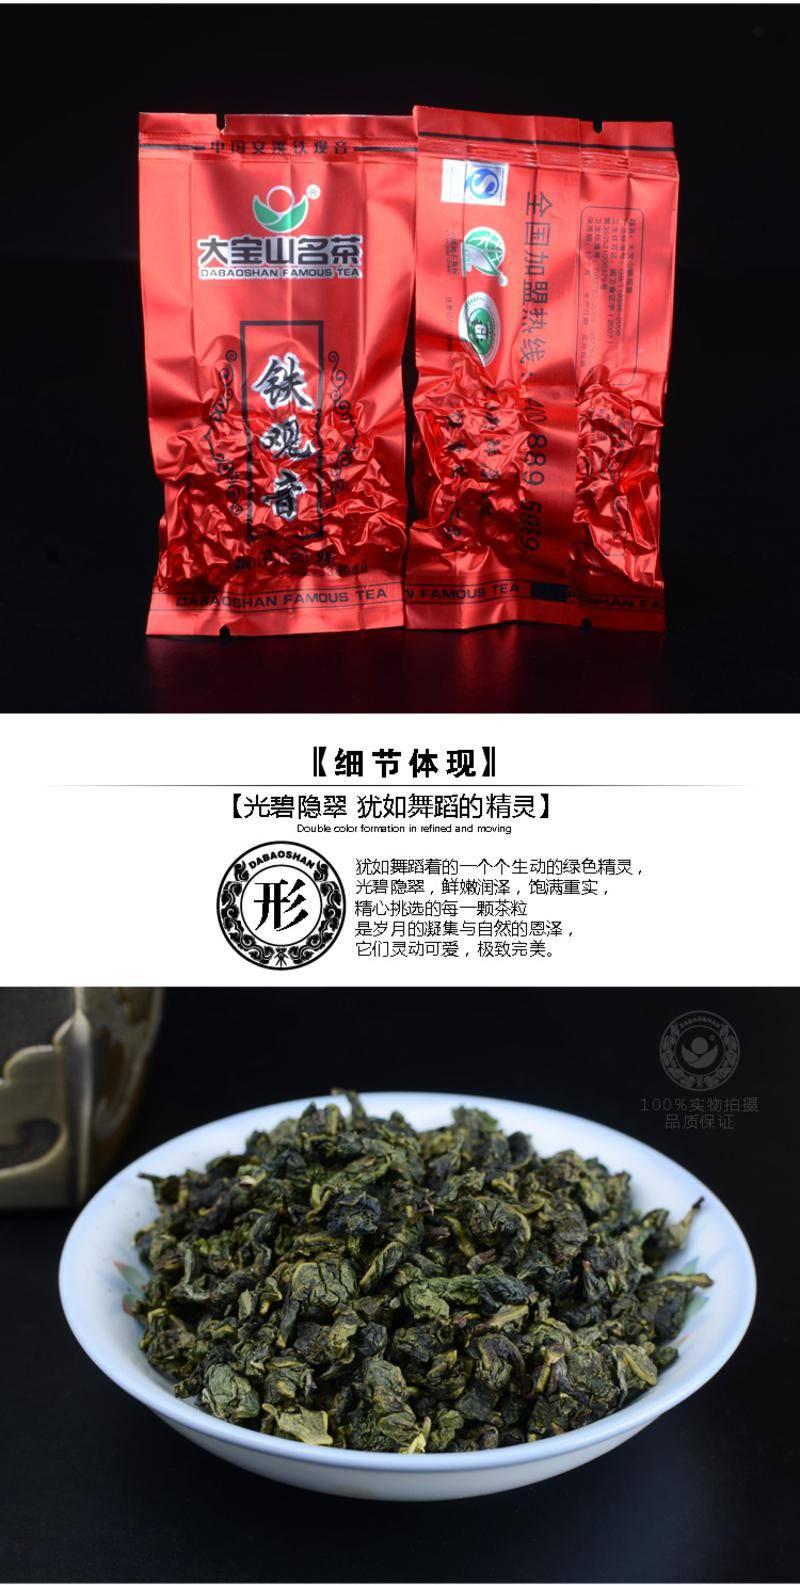 安溪四大名茶[资料] - 豆丁网